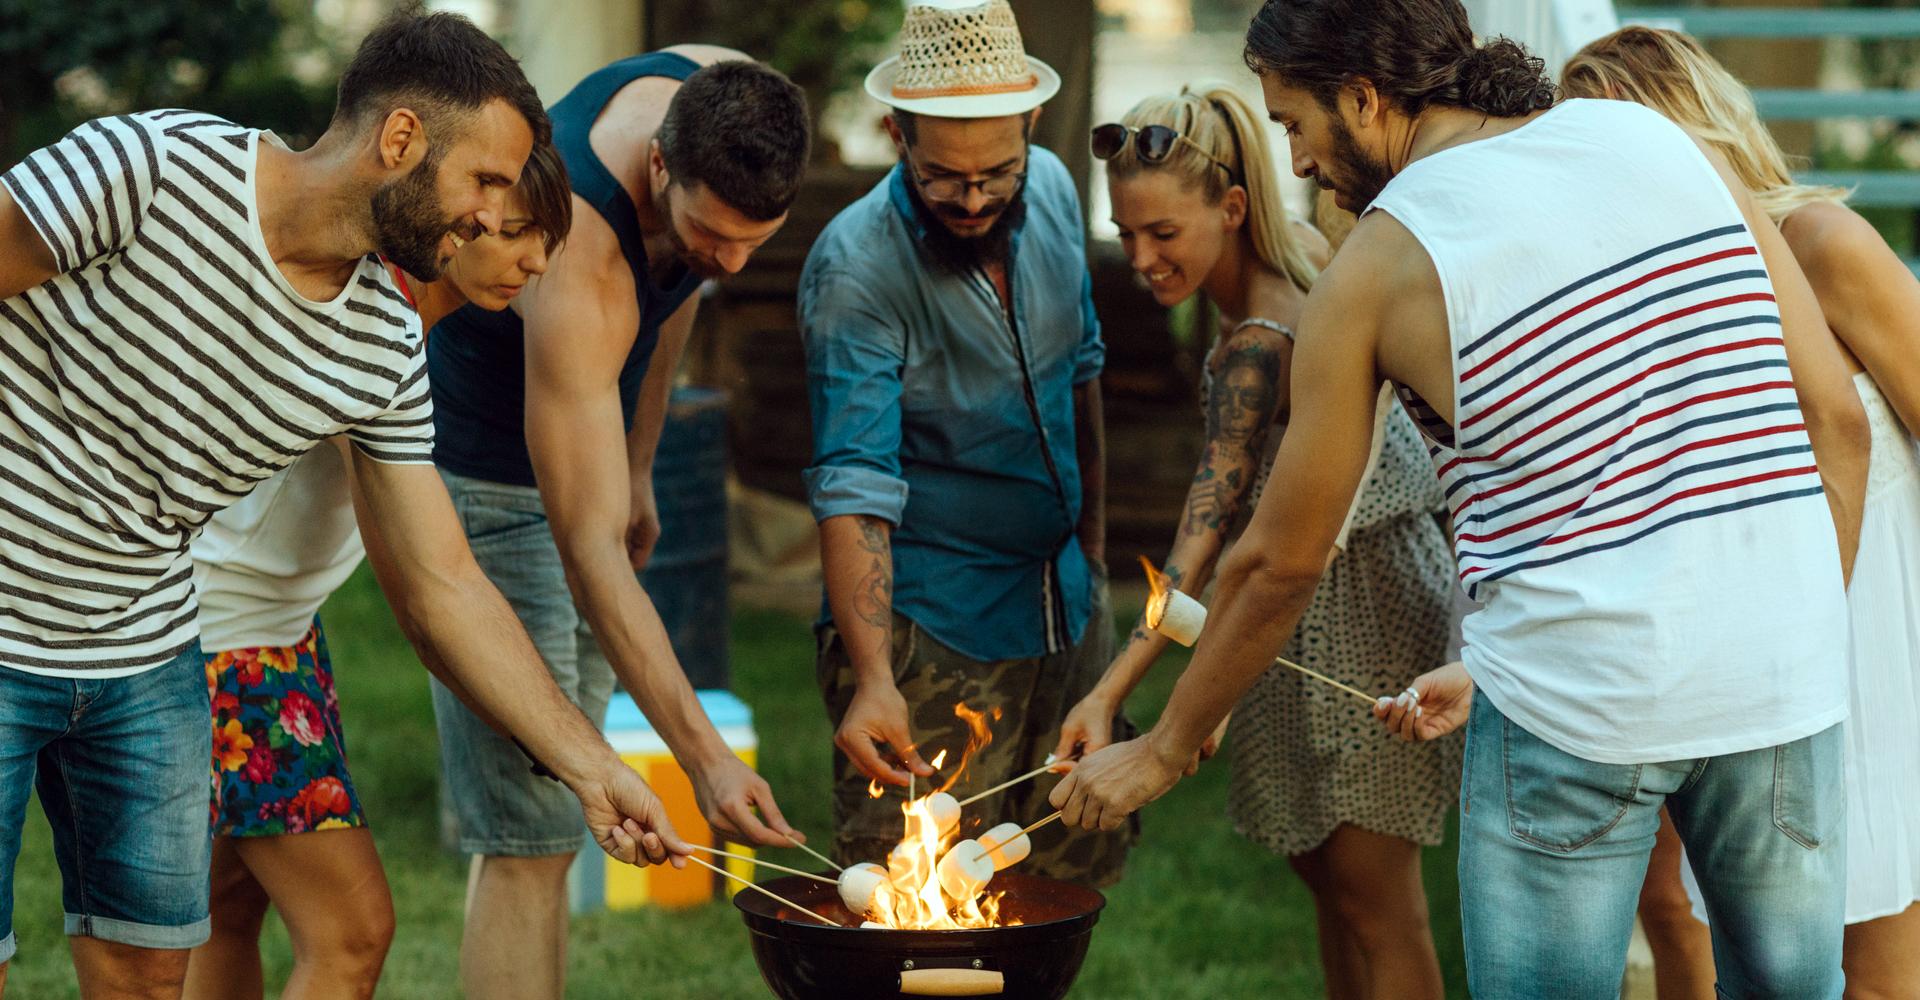 Junge Leute stehen mit Marshmallows am Grill